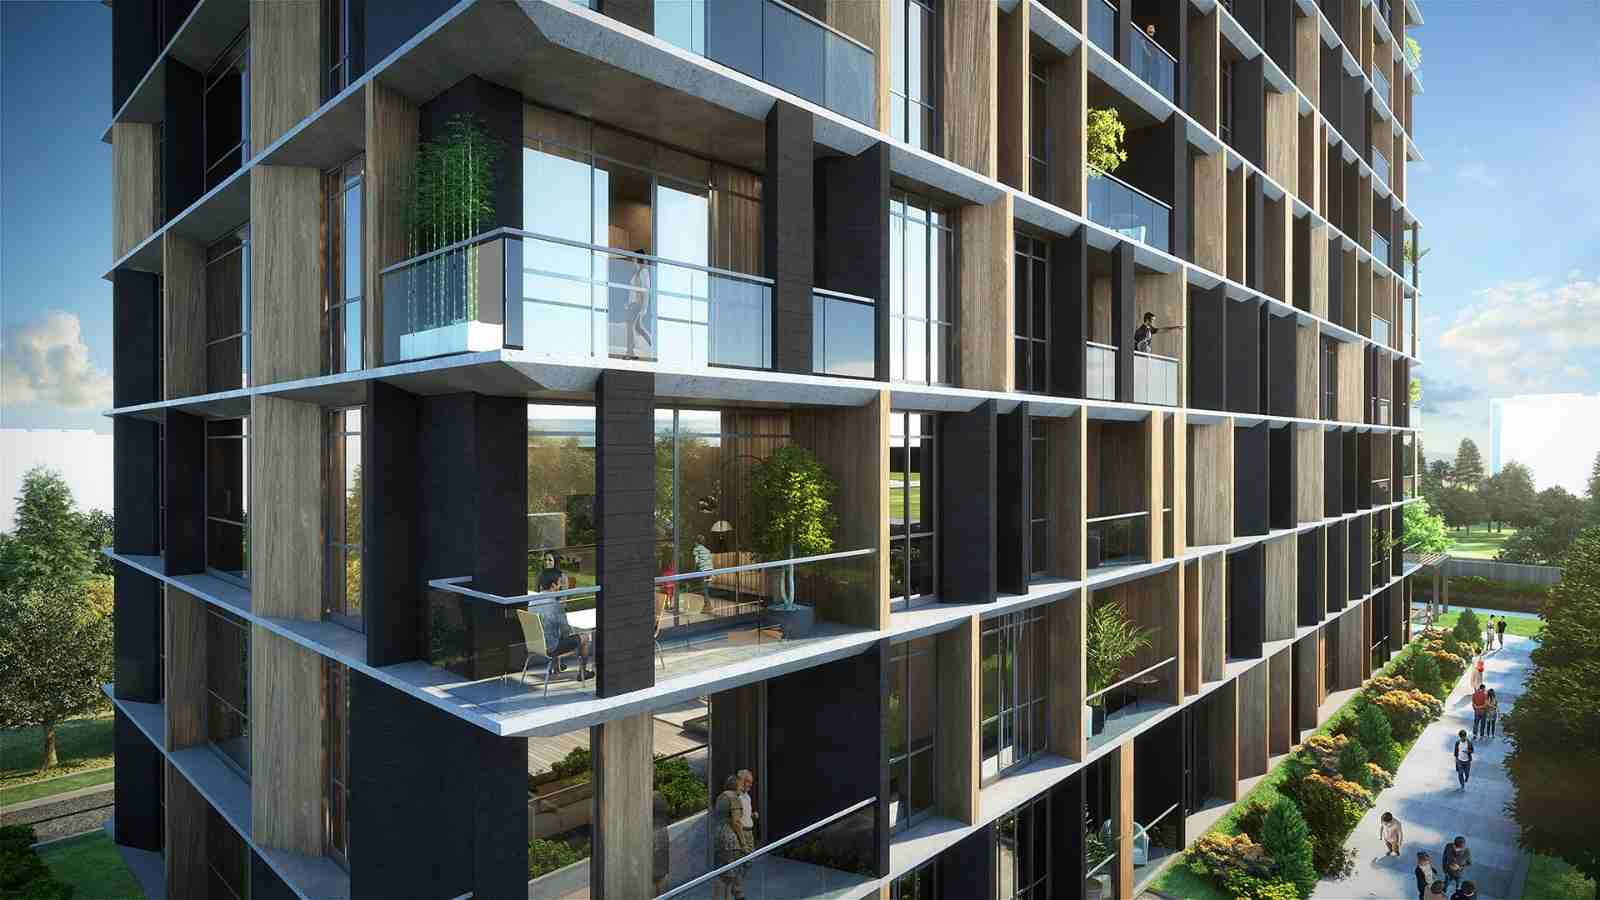 امتلك شقة باحدث تكنولوجيا منزلية في المنطقة الاعلى نموا في اسطنبول...